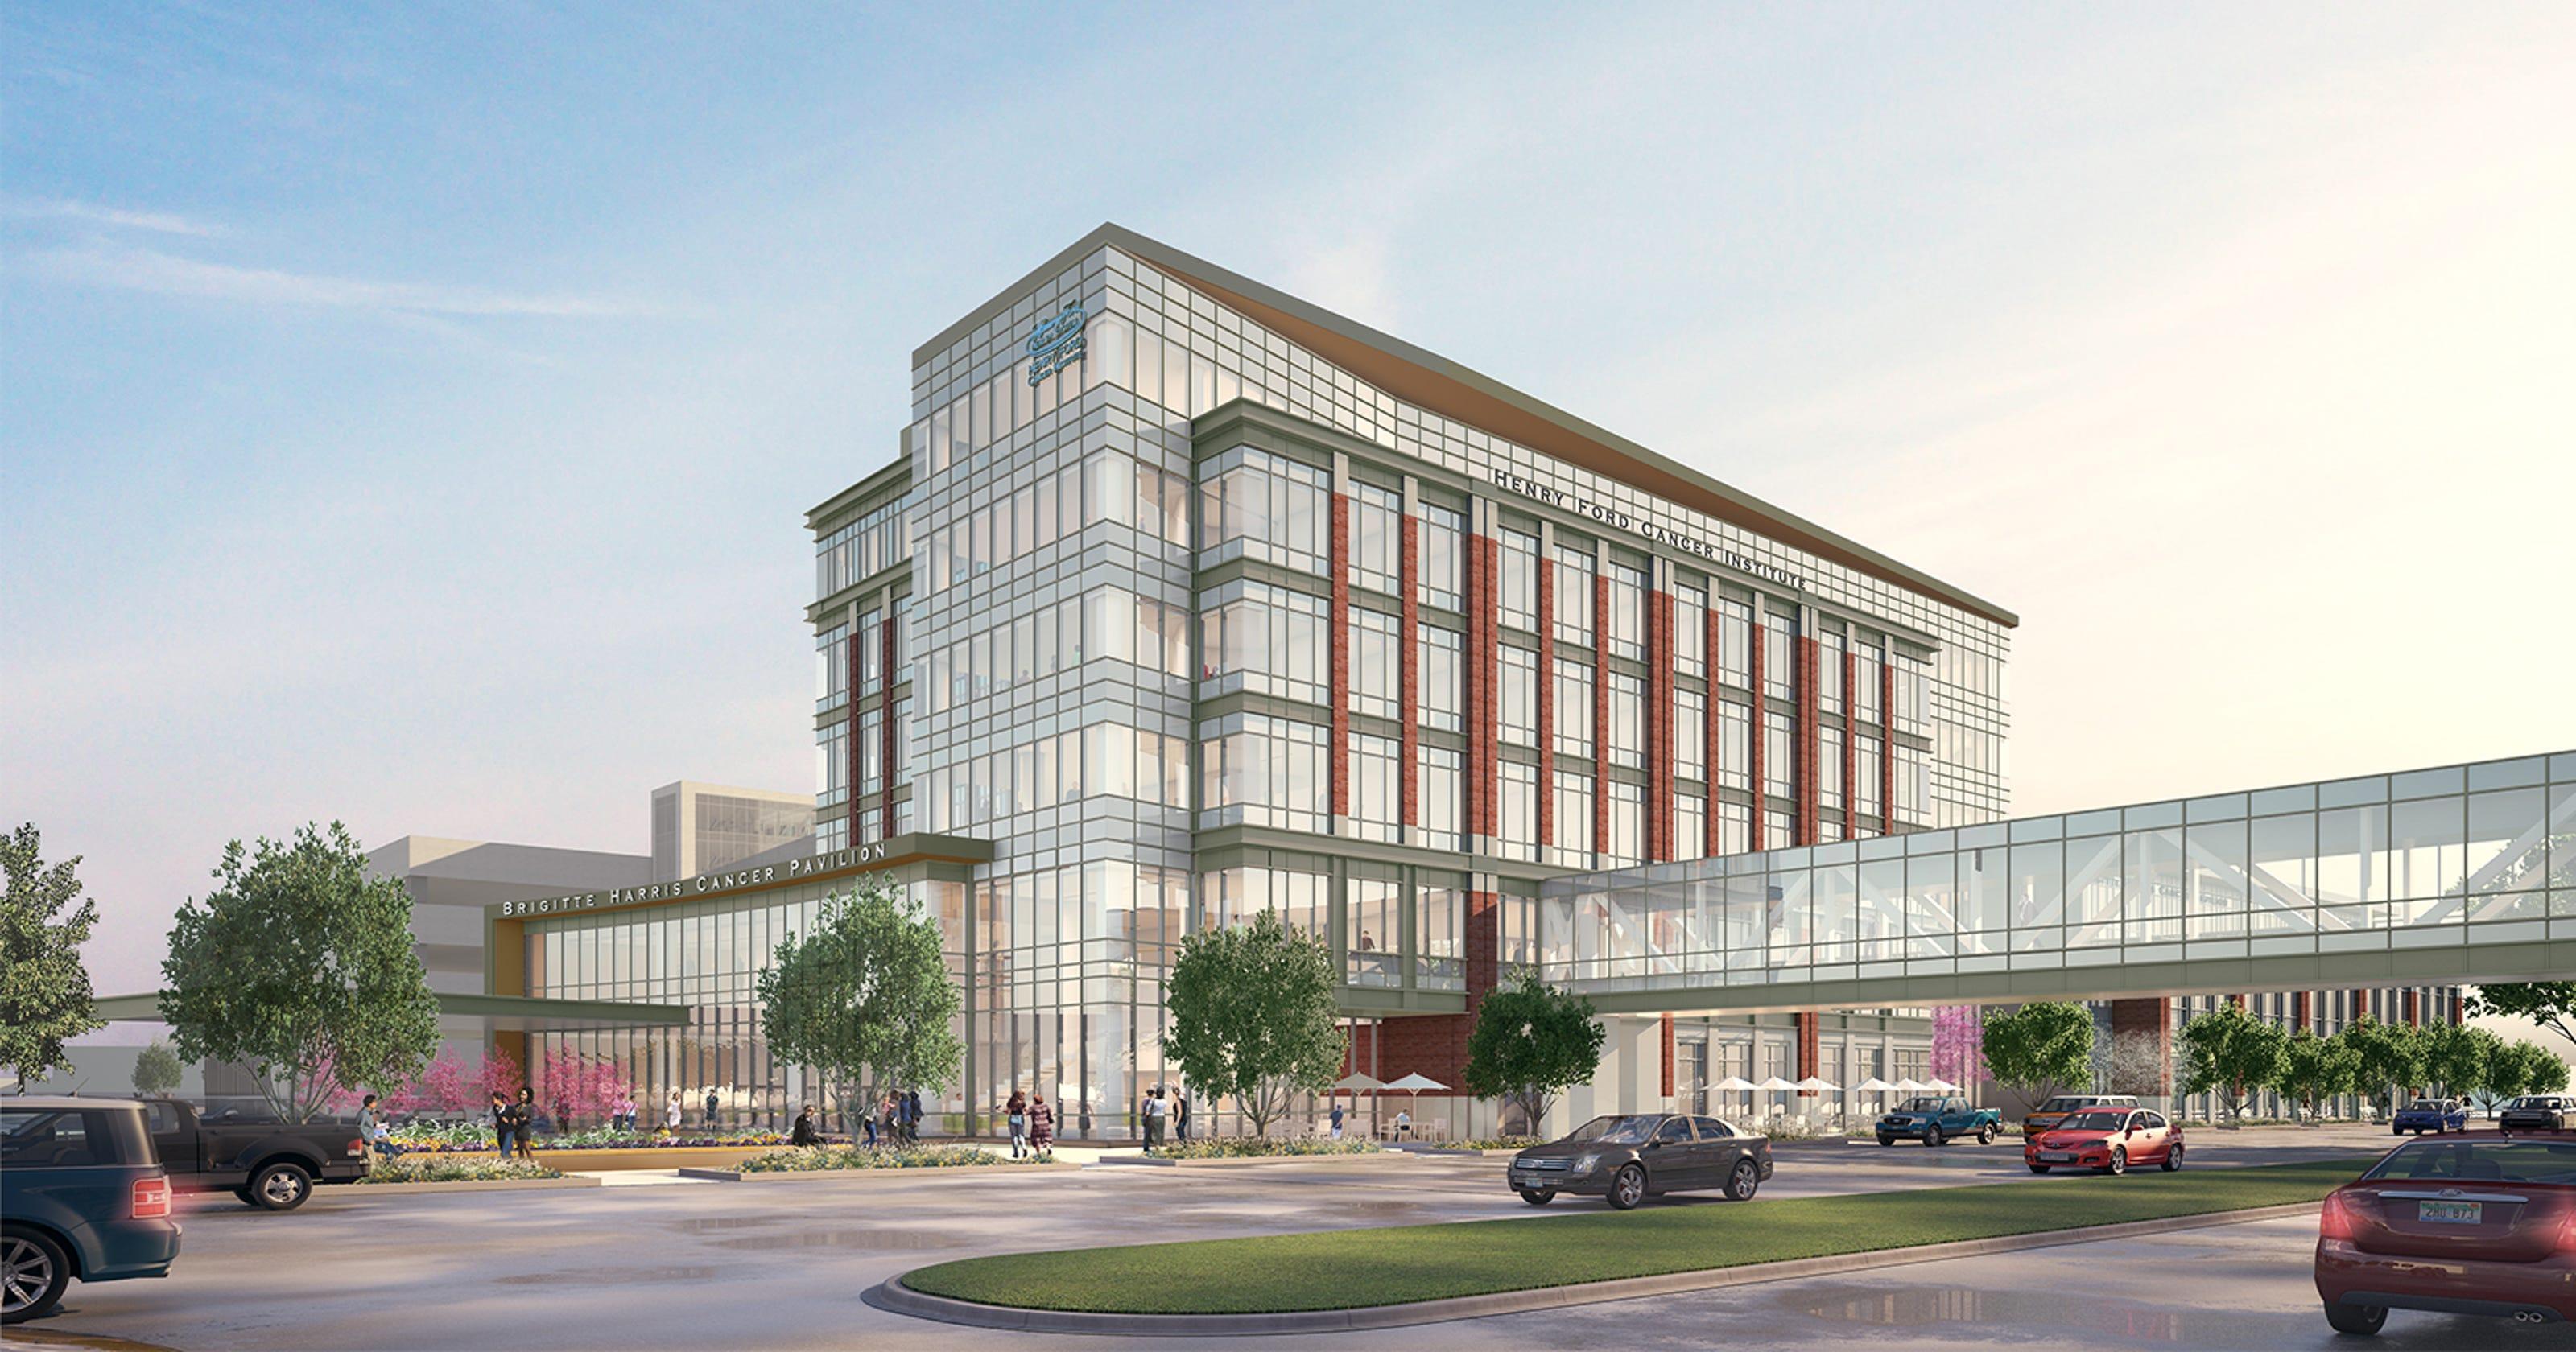 Henry Ford begins $155M cancer pavilion expansion